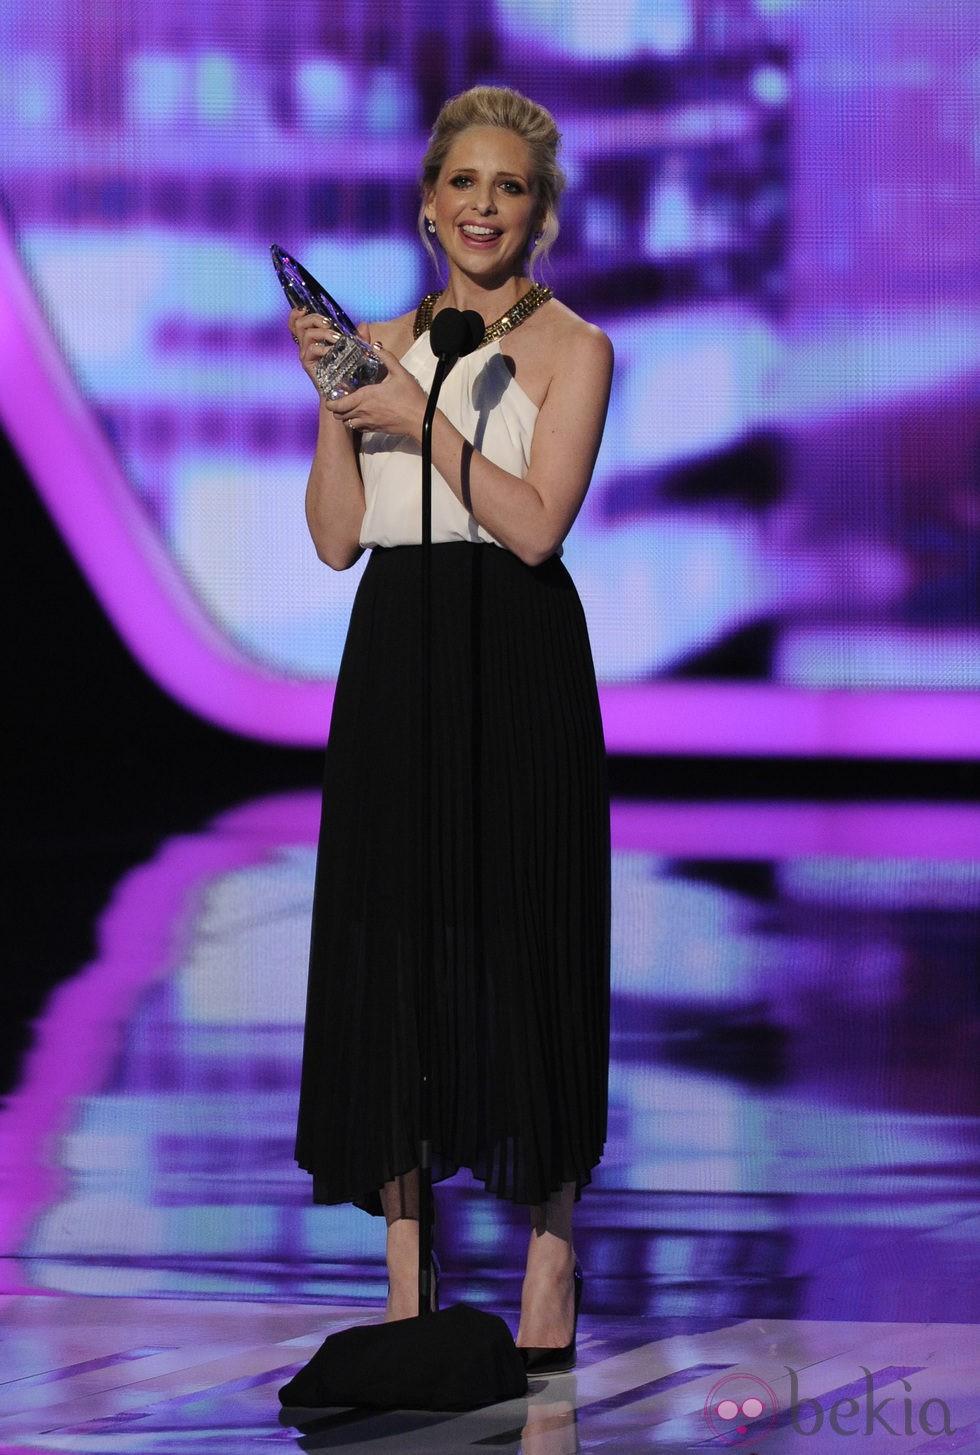 Sarah Michelle Gellar con su premio en los People's Choice Awards 2014